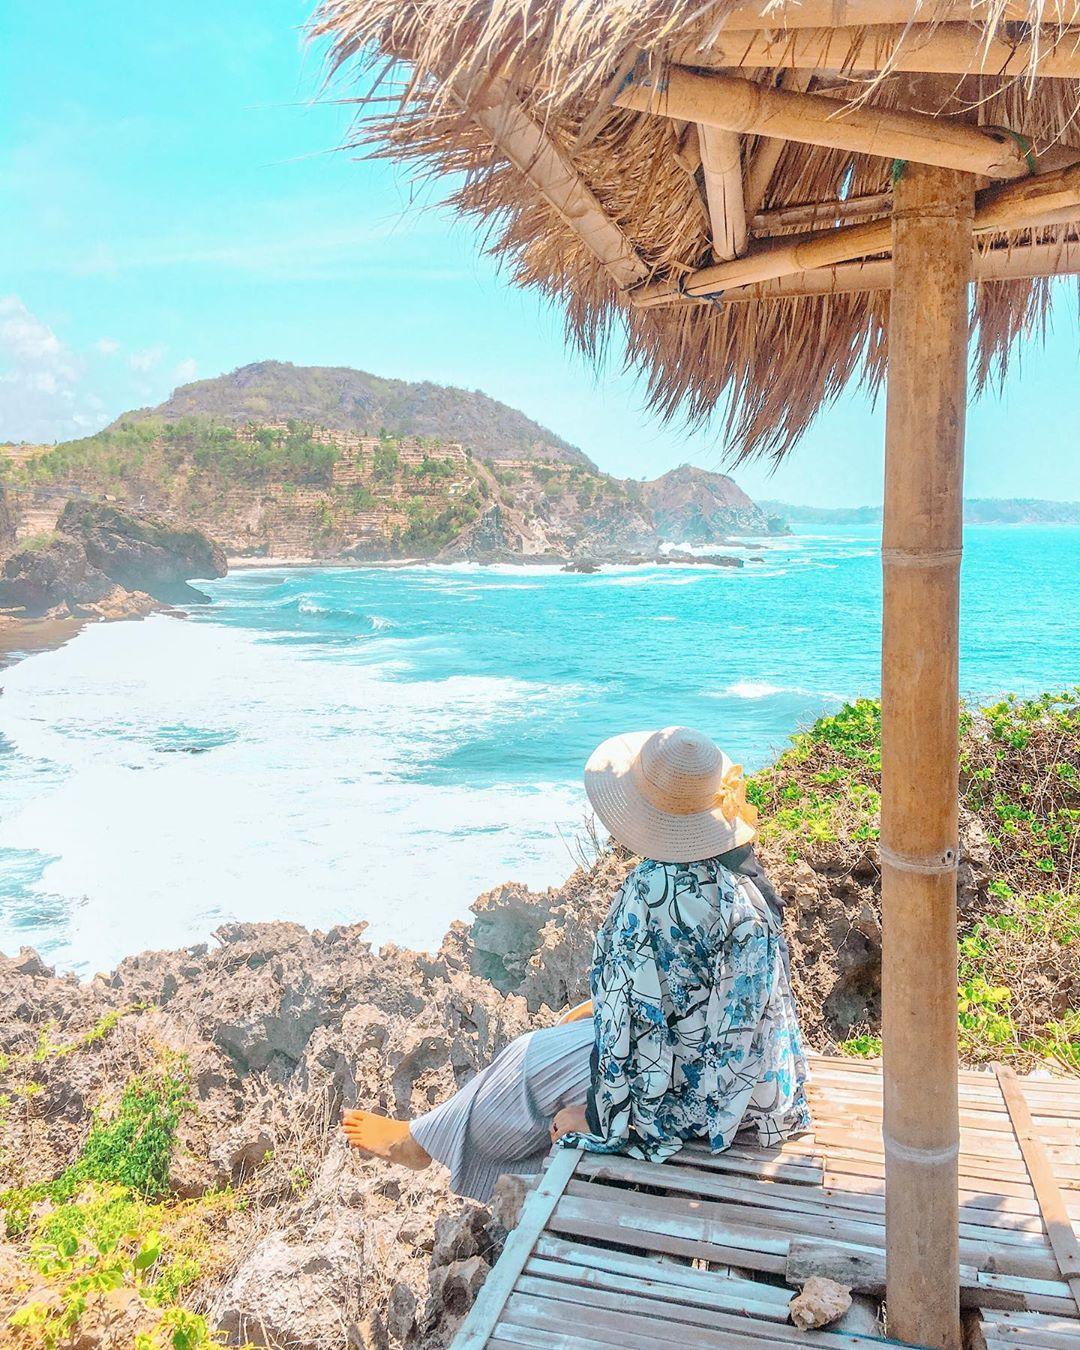 tempat foto pantai siung